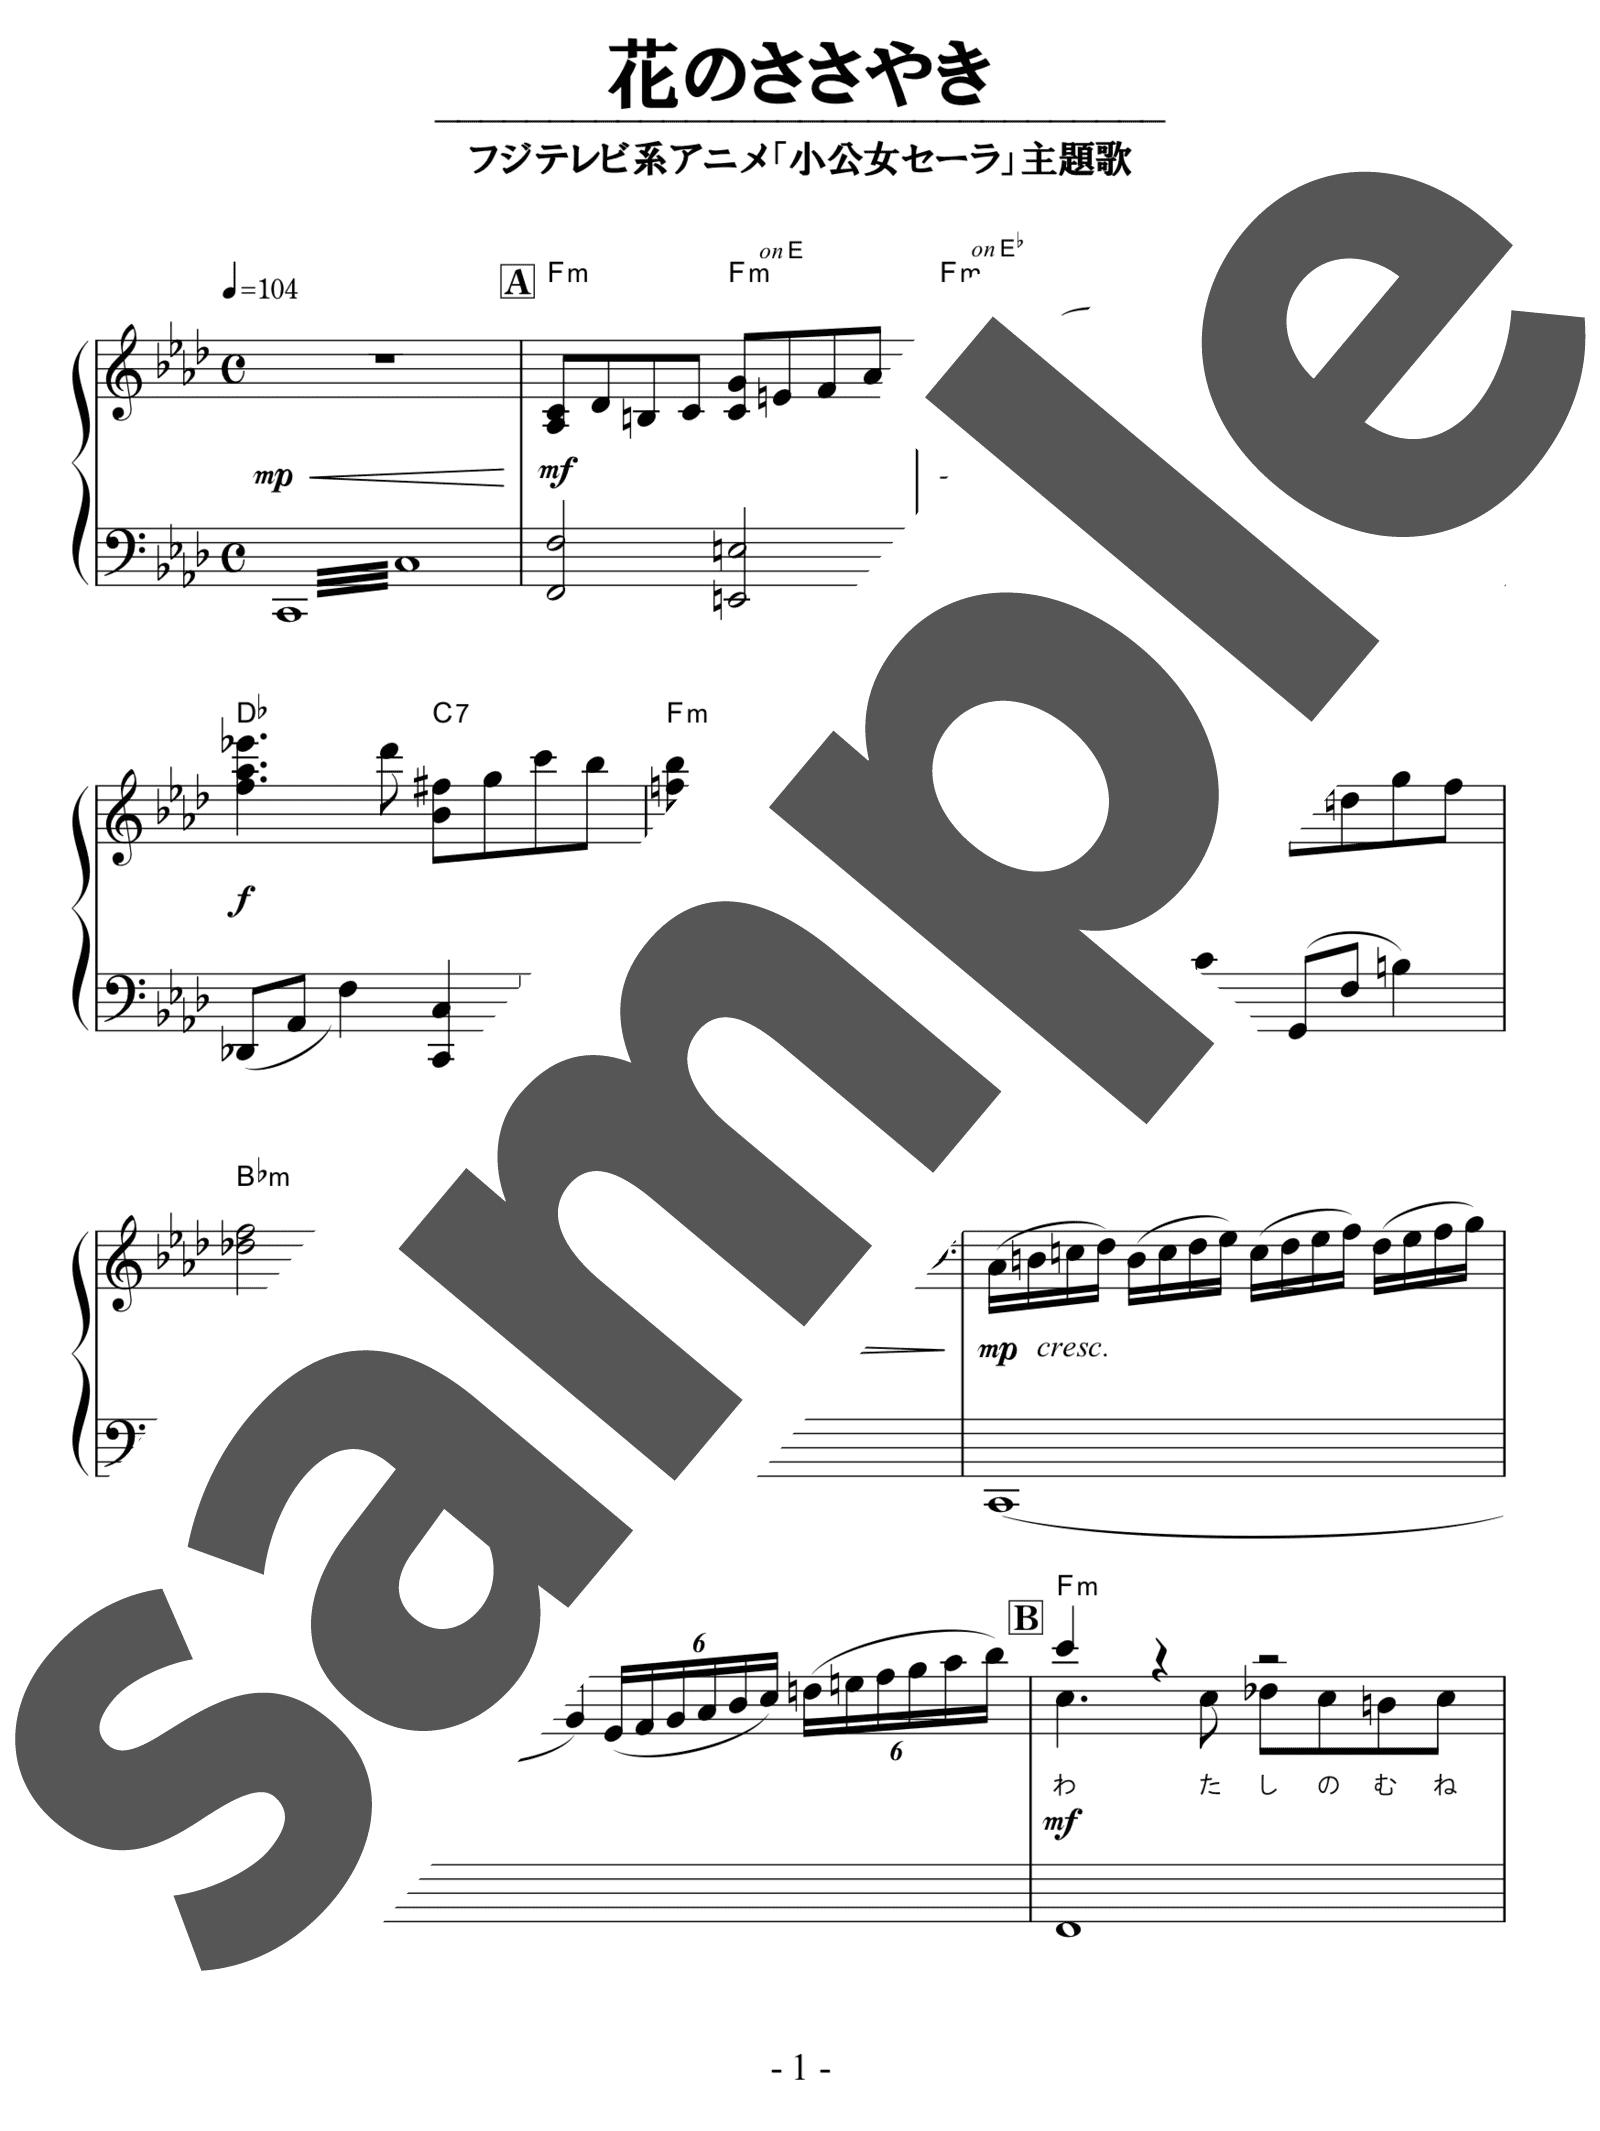 「花のささやき」のサンプル楽譜